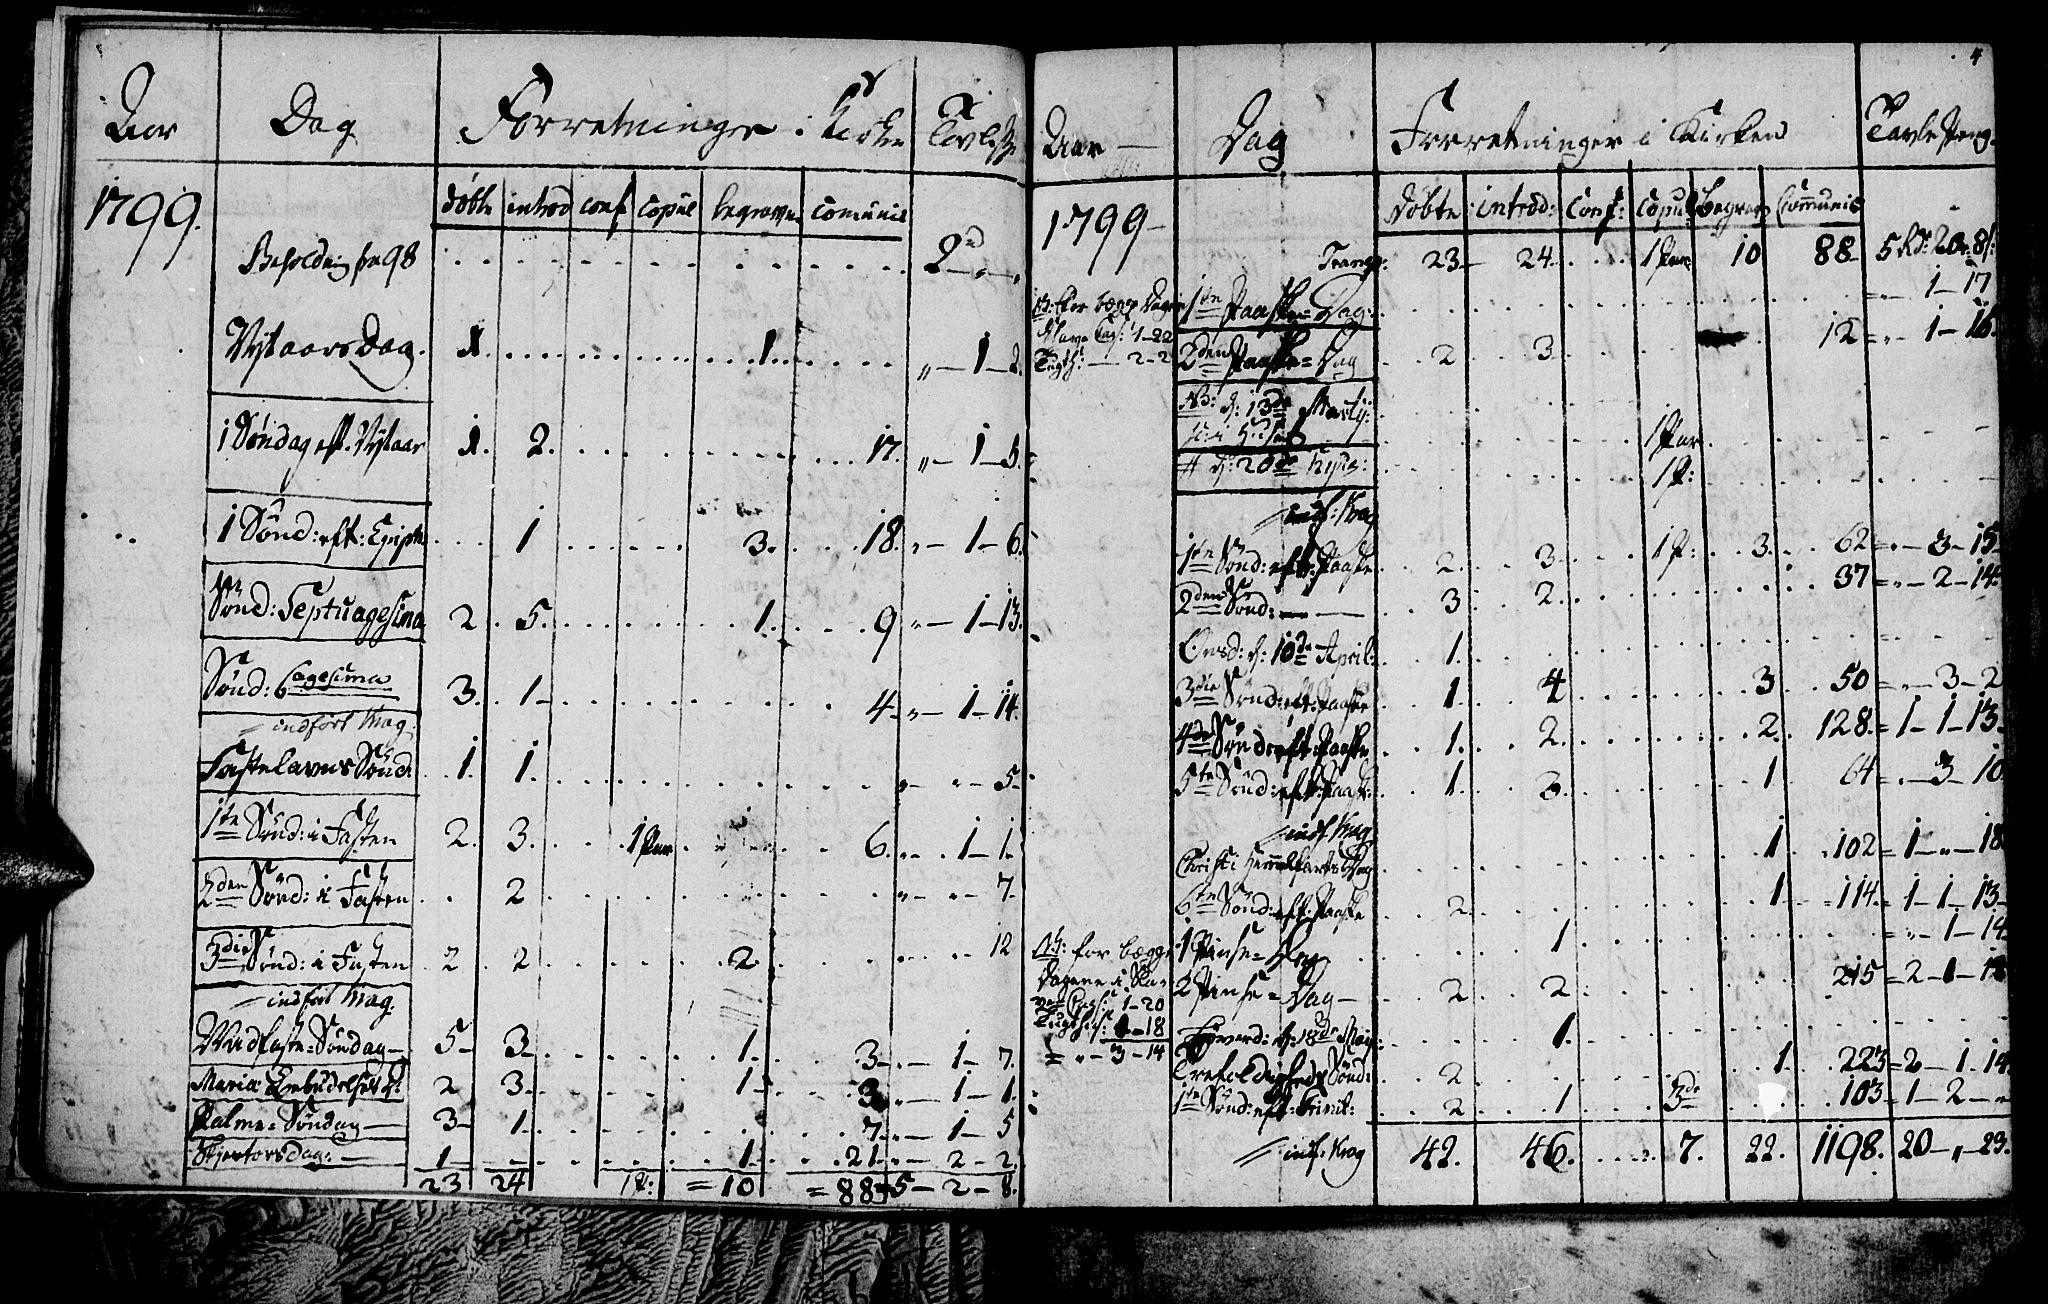 SAT, Ministerialprotokoller, klokkerbøker og fødselsregistre - Sør-Trøndelag, 681/L0937: Klokkerbok nr. 681C01, 1798-1810, s. 4